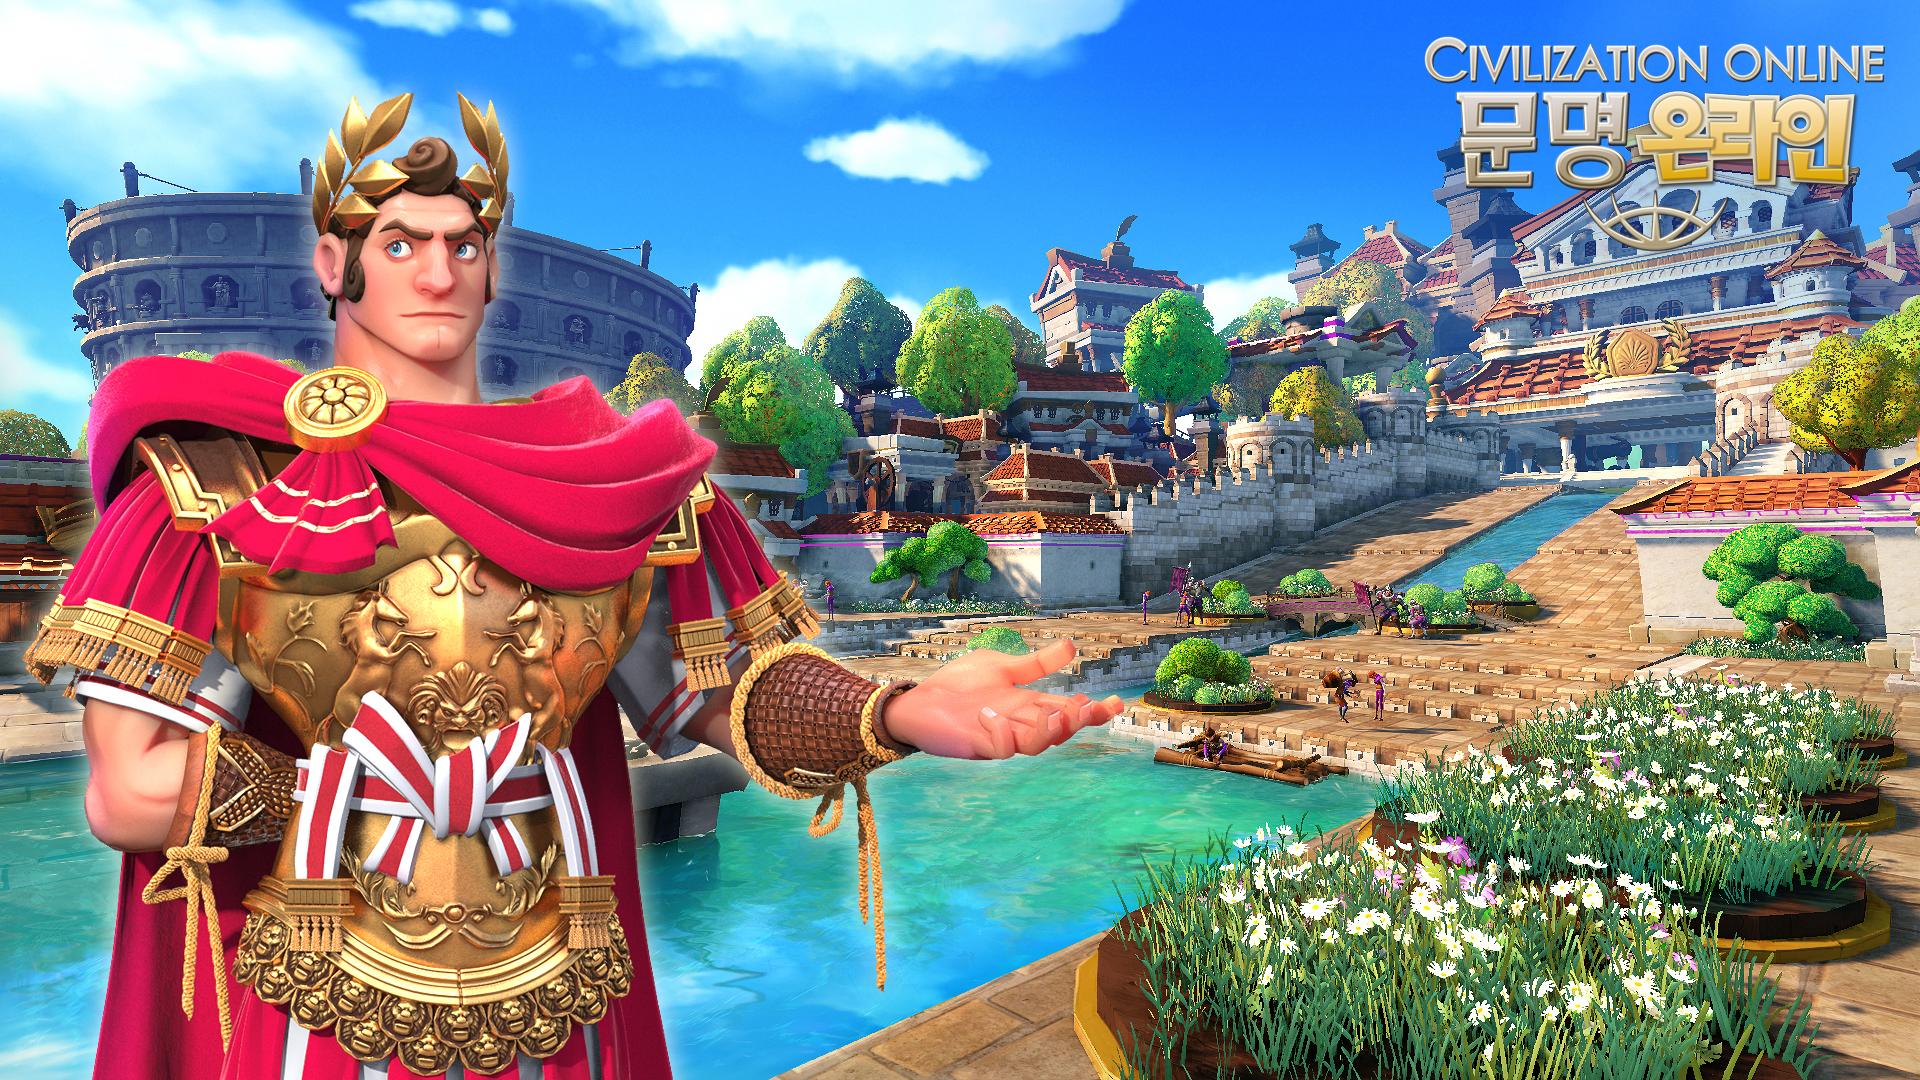 Các nền văn minh trong Civilization Online - Ảnh 3